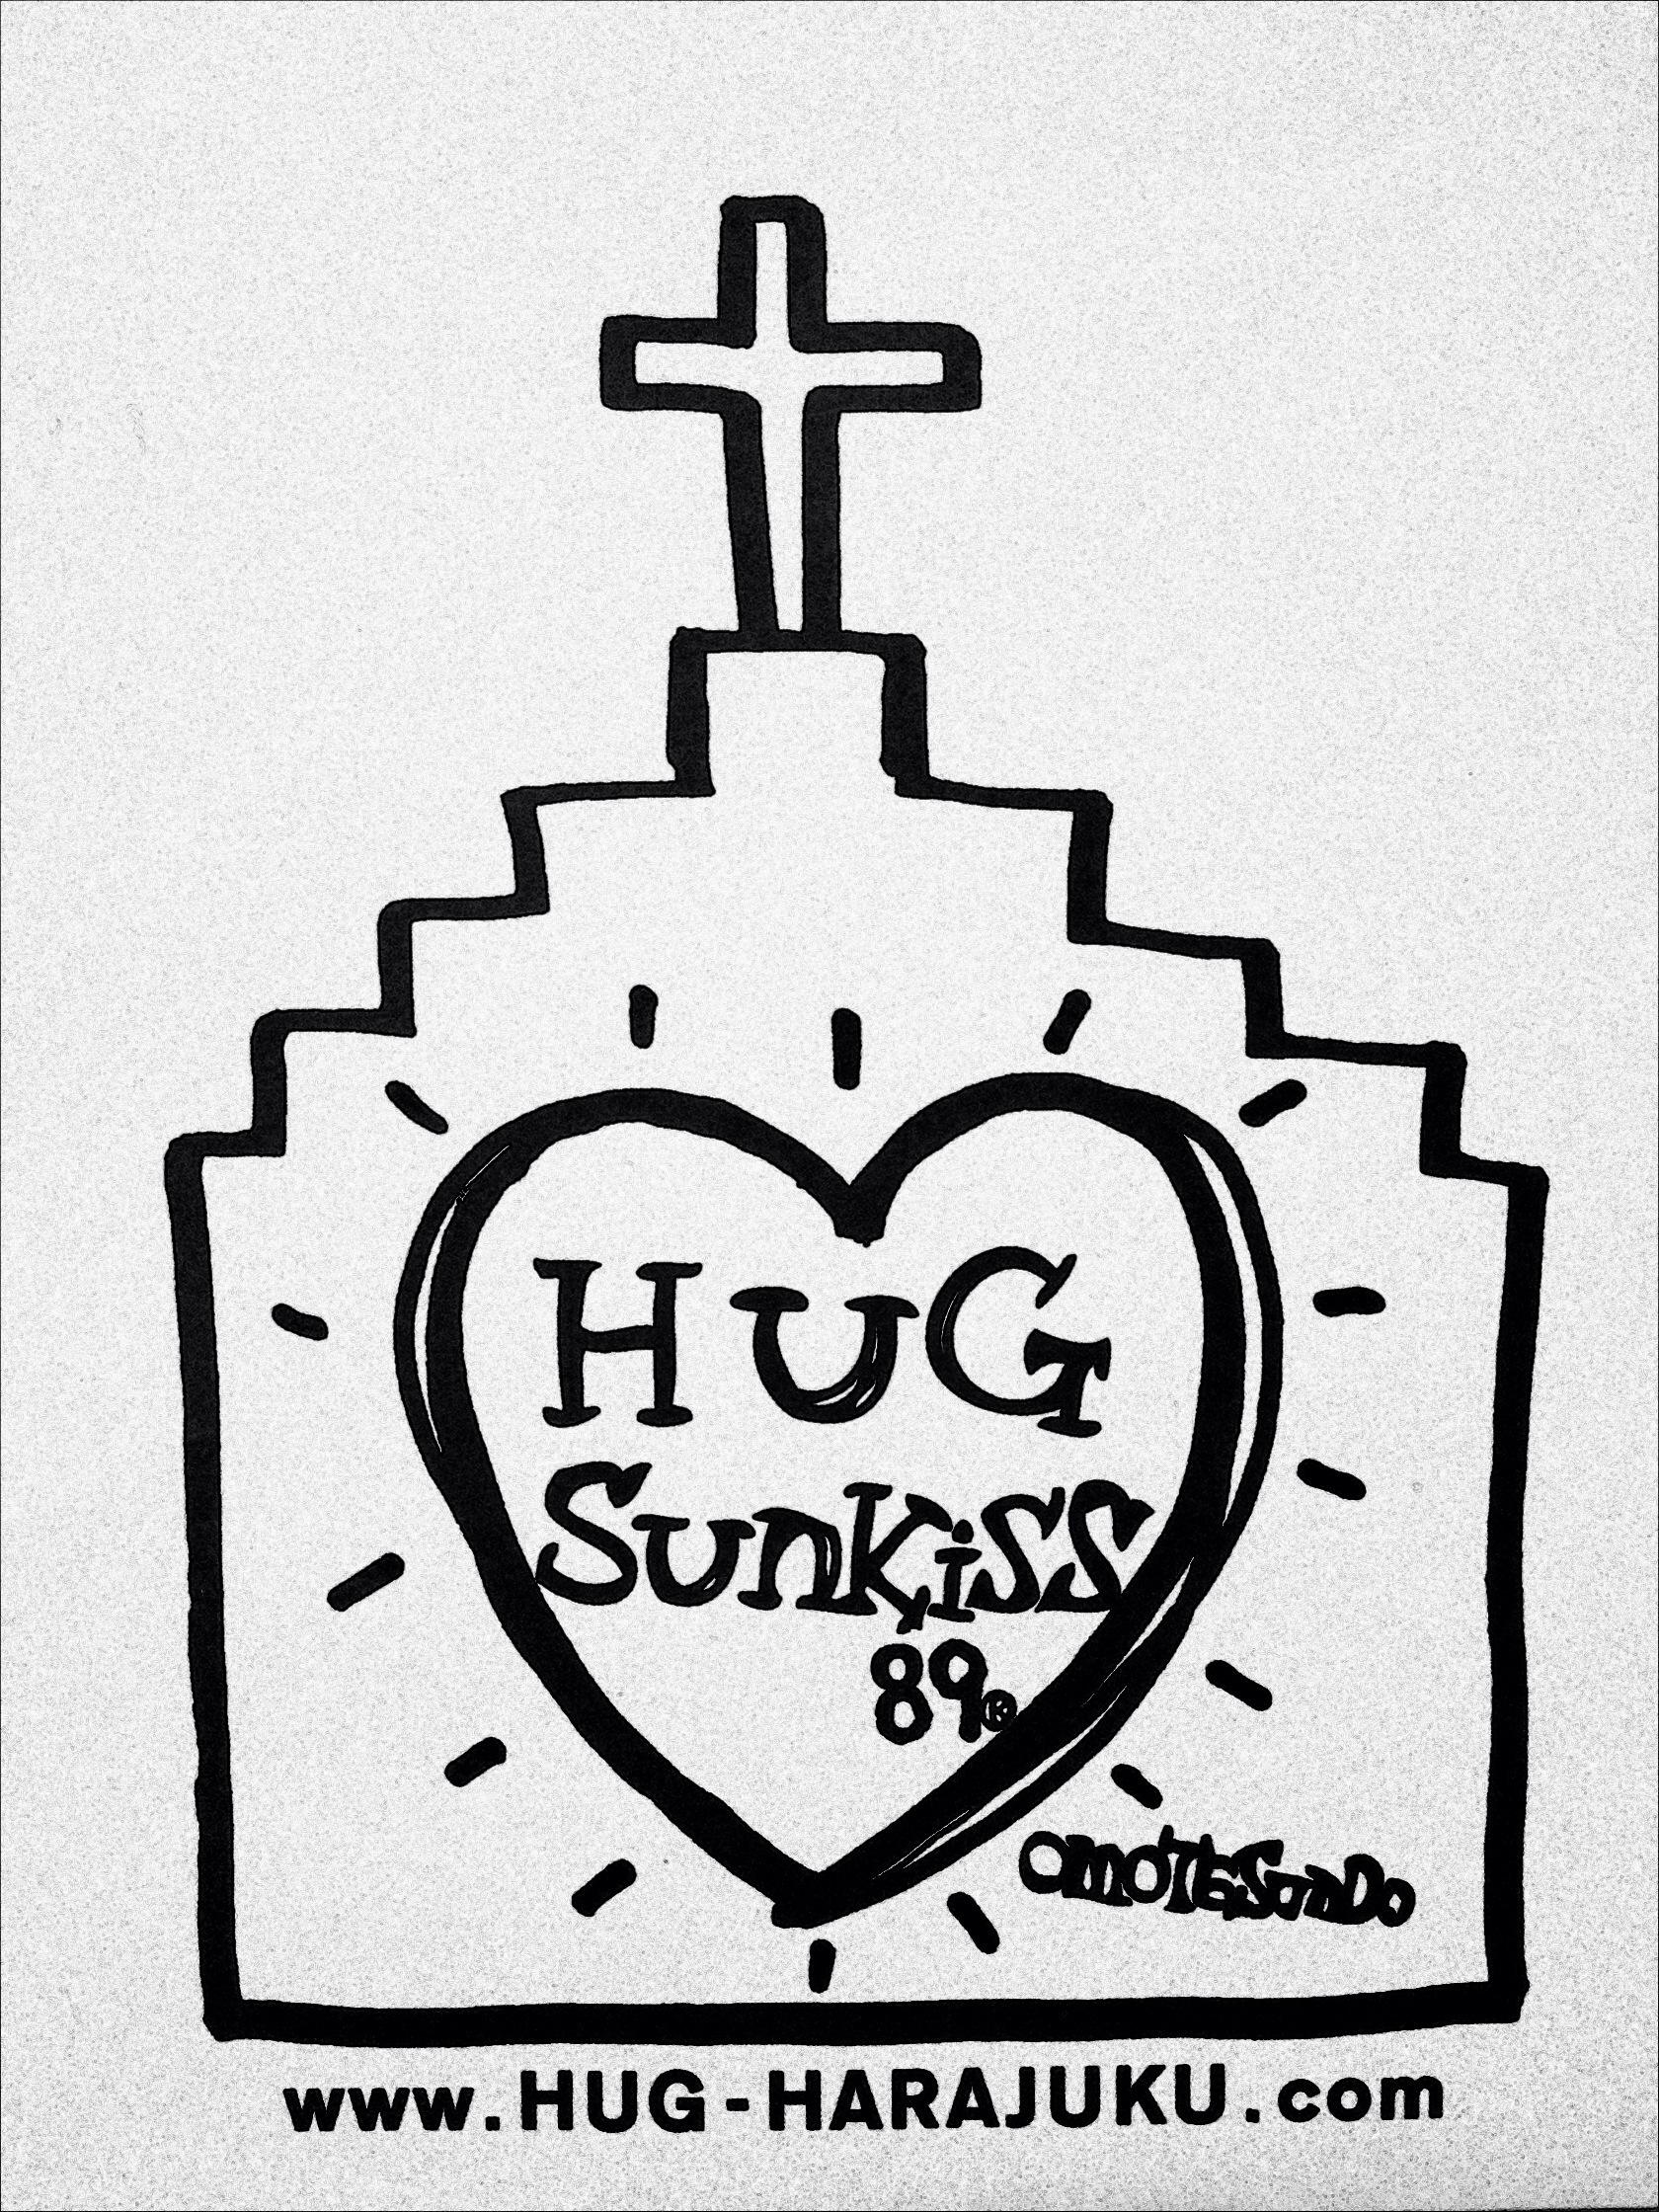 HUG SUNKISS